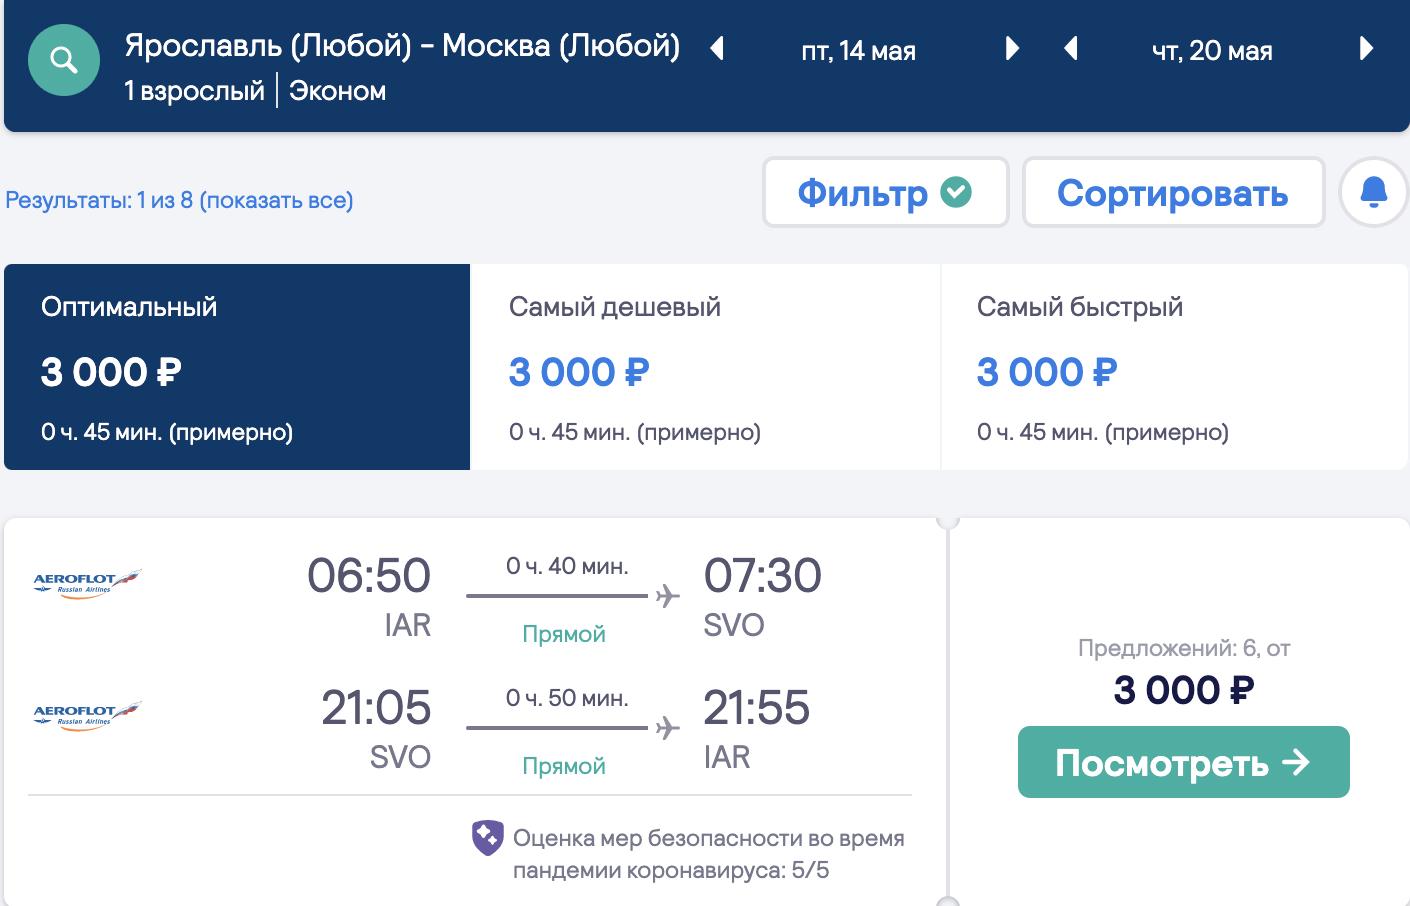 Снова есть! Прямые рейсы Аэрофлота из Москвы в Ярославль за 3000₽ туда-обратно с мая по октябрь